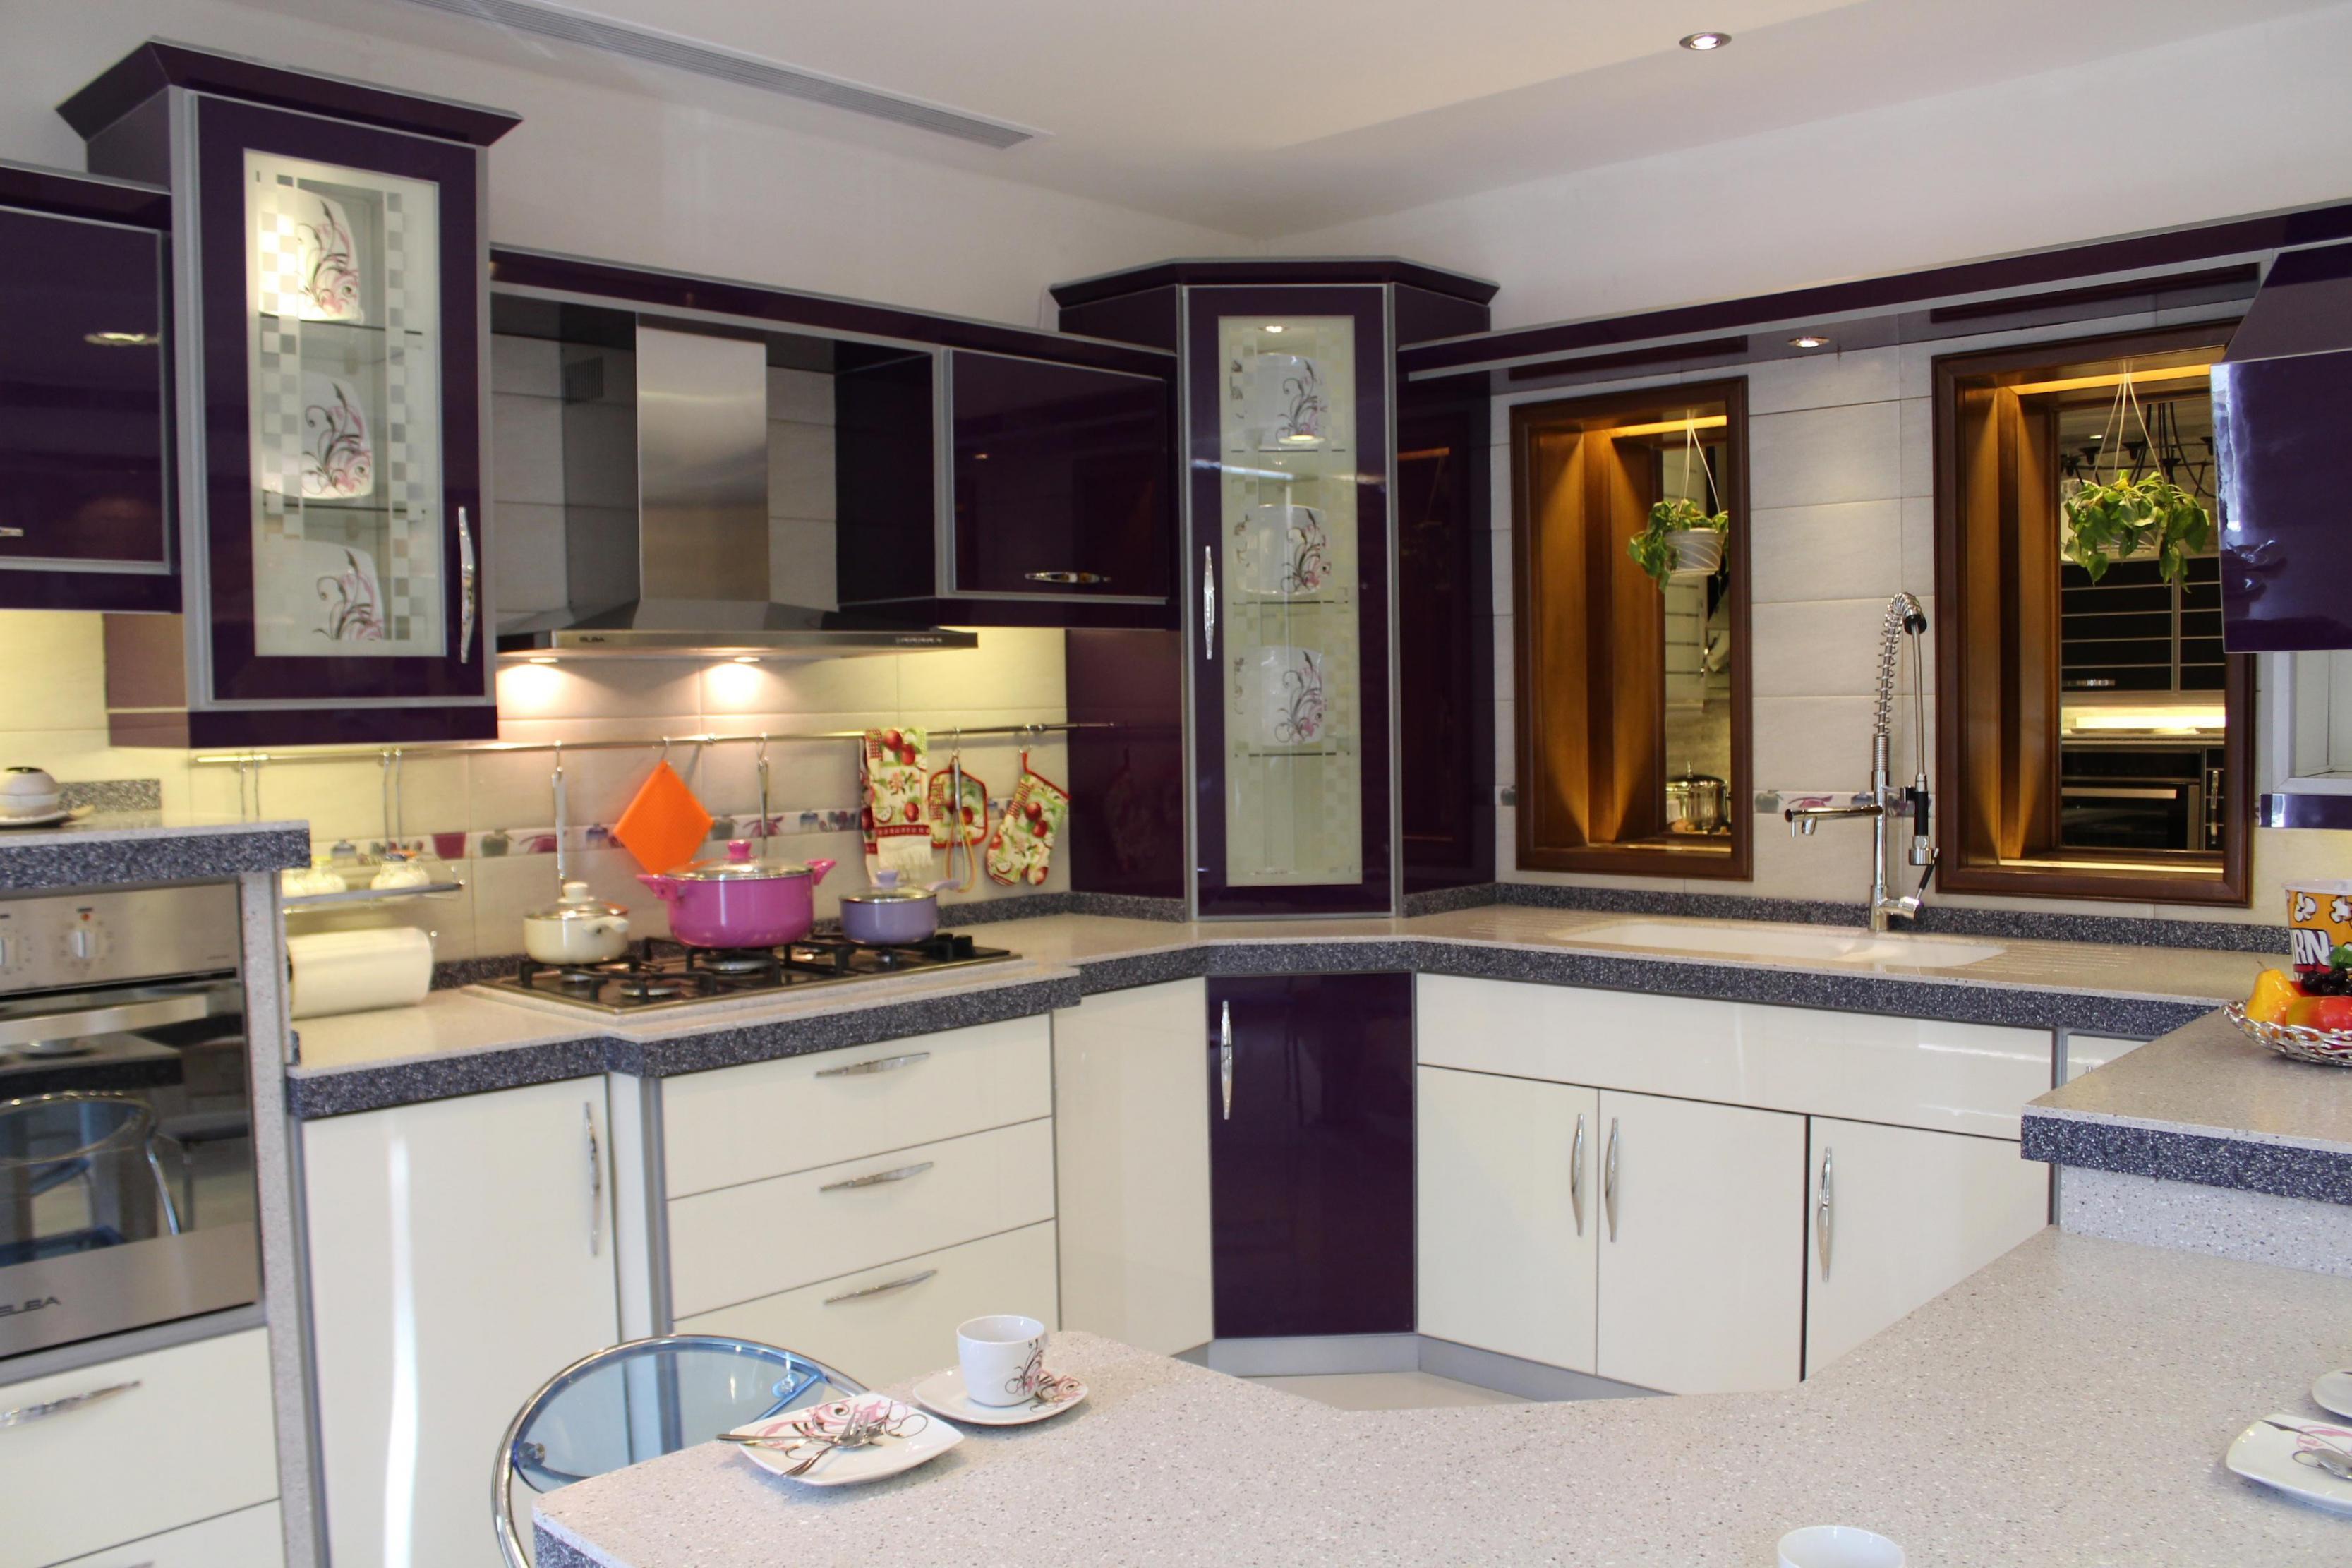 بالصور احدث تصميمات المطابخ , اجمل ديكورات المطبخ 1474 2